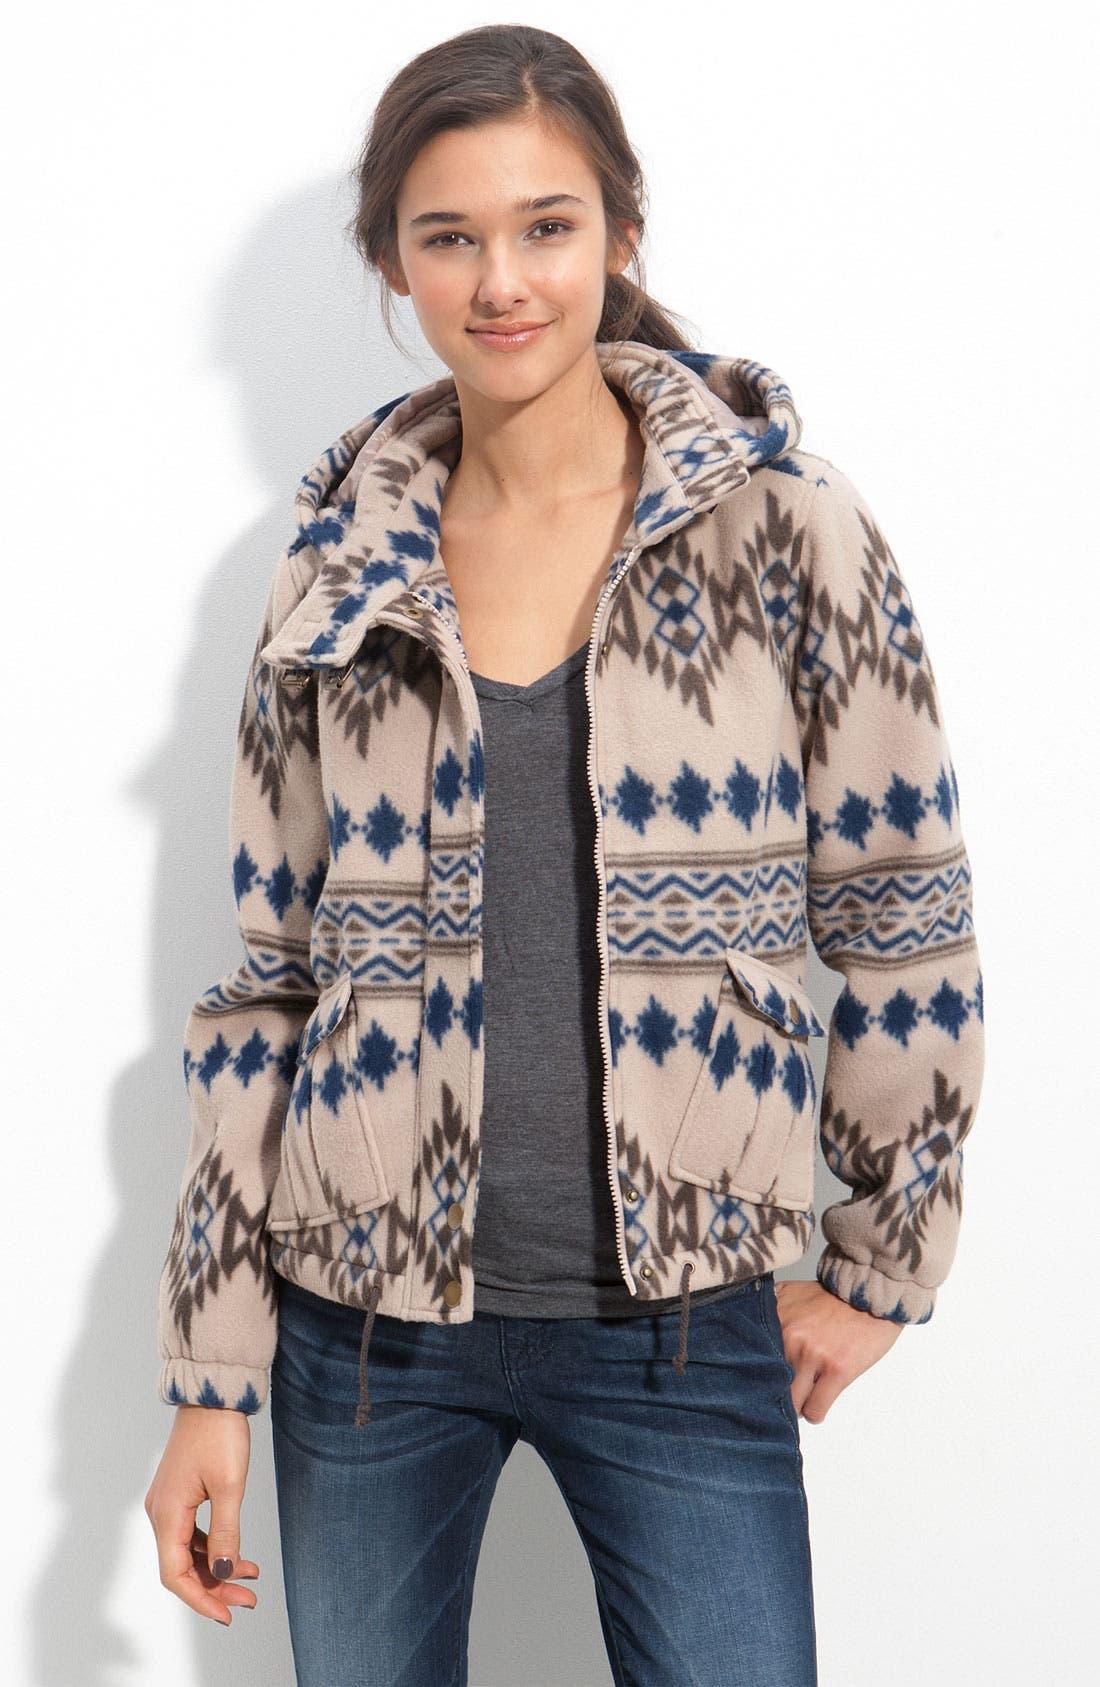 Jack 'Bordeaux' Southwestern Printed Fleece Jacket,                             Main thumbnail 1, color,                             250